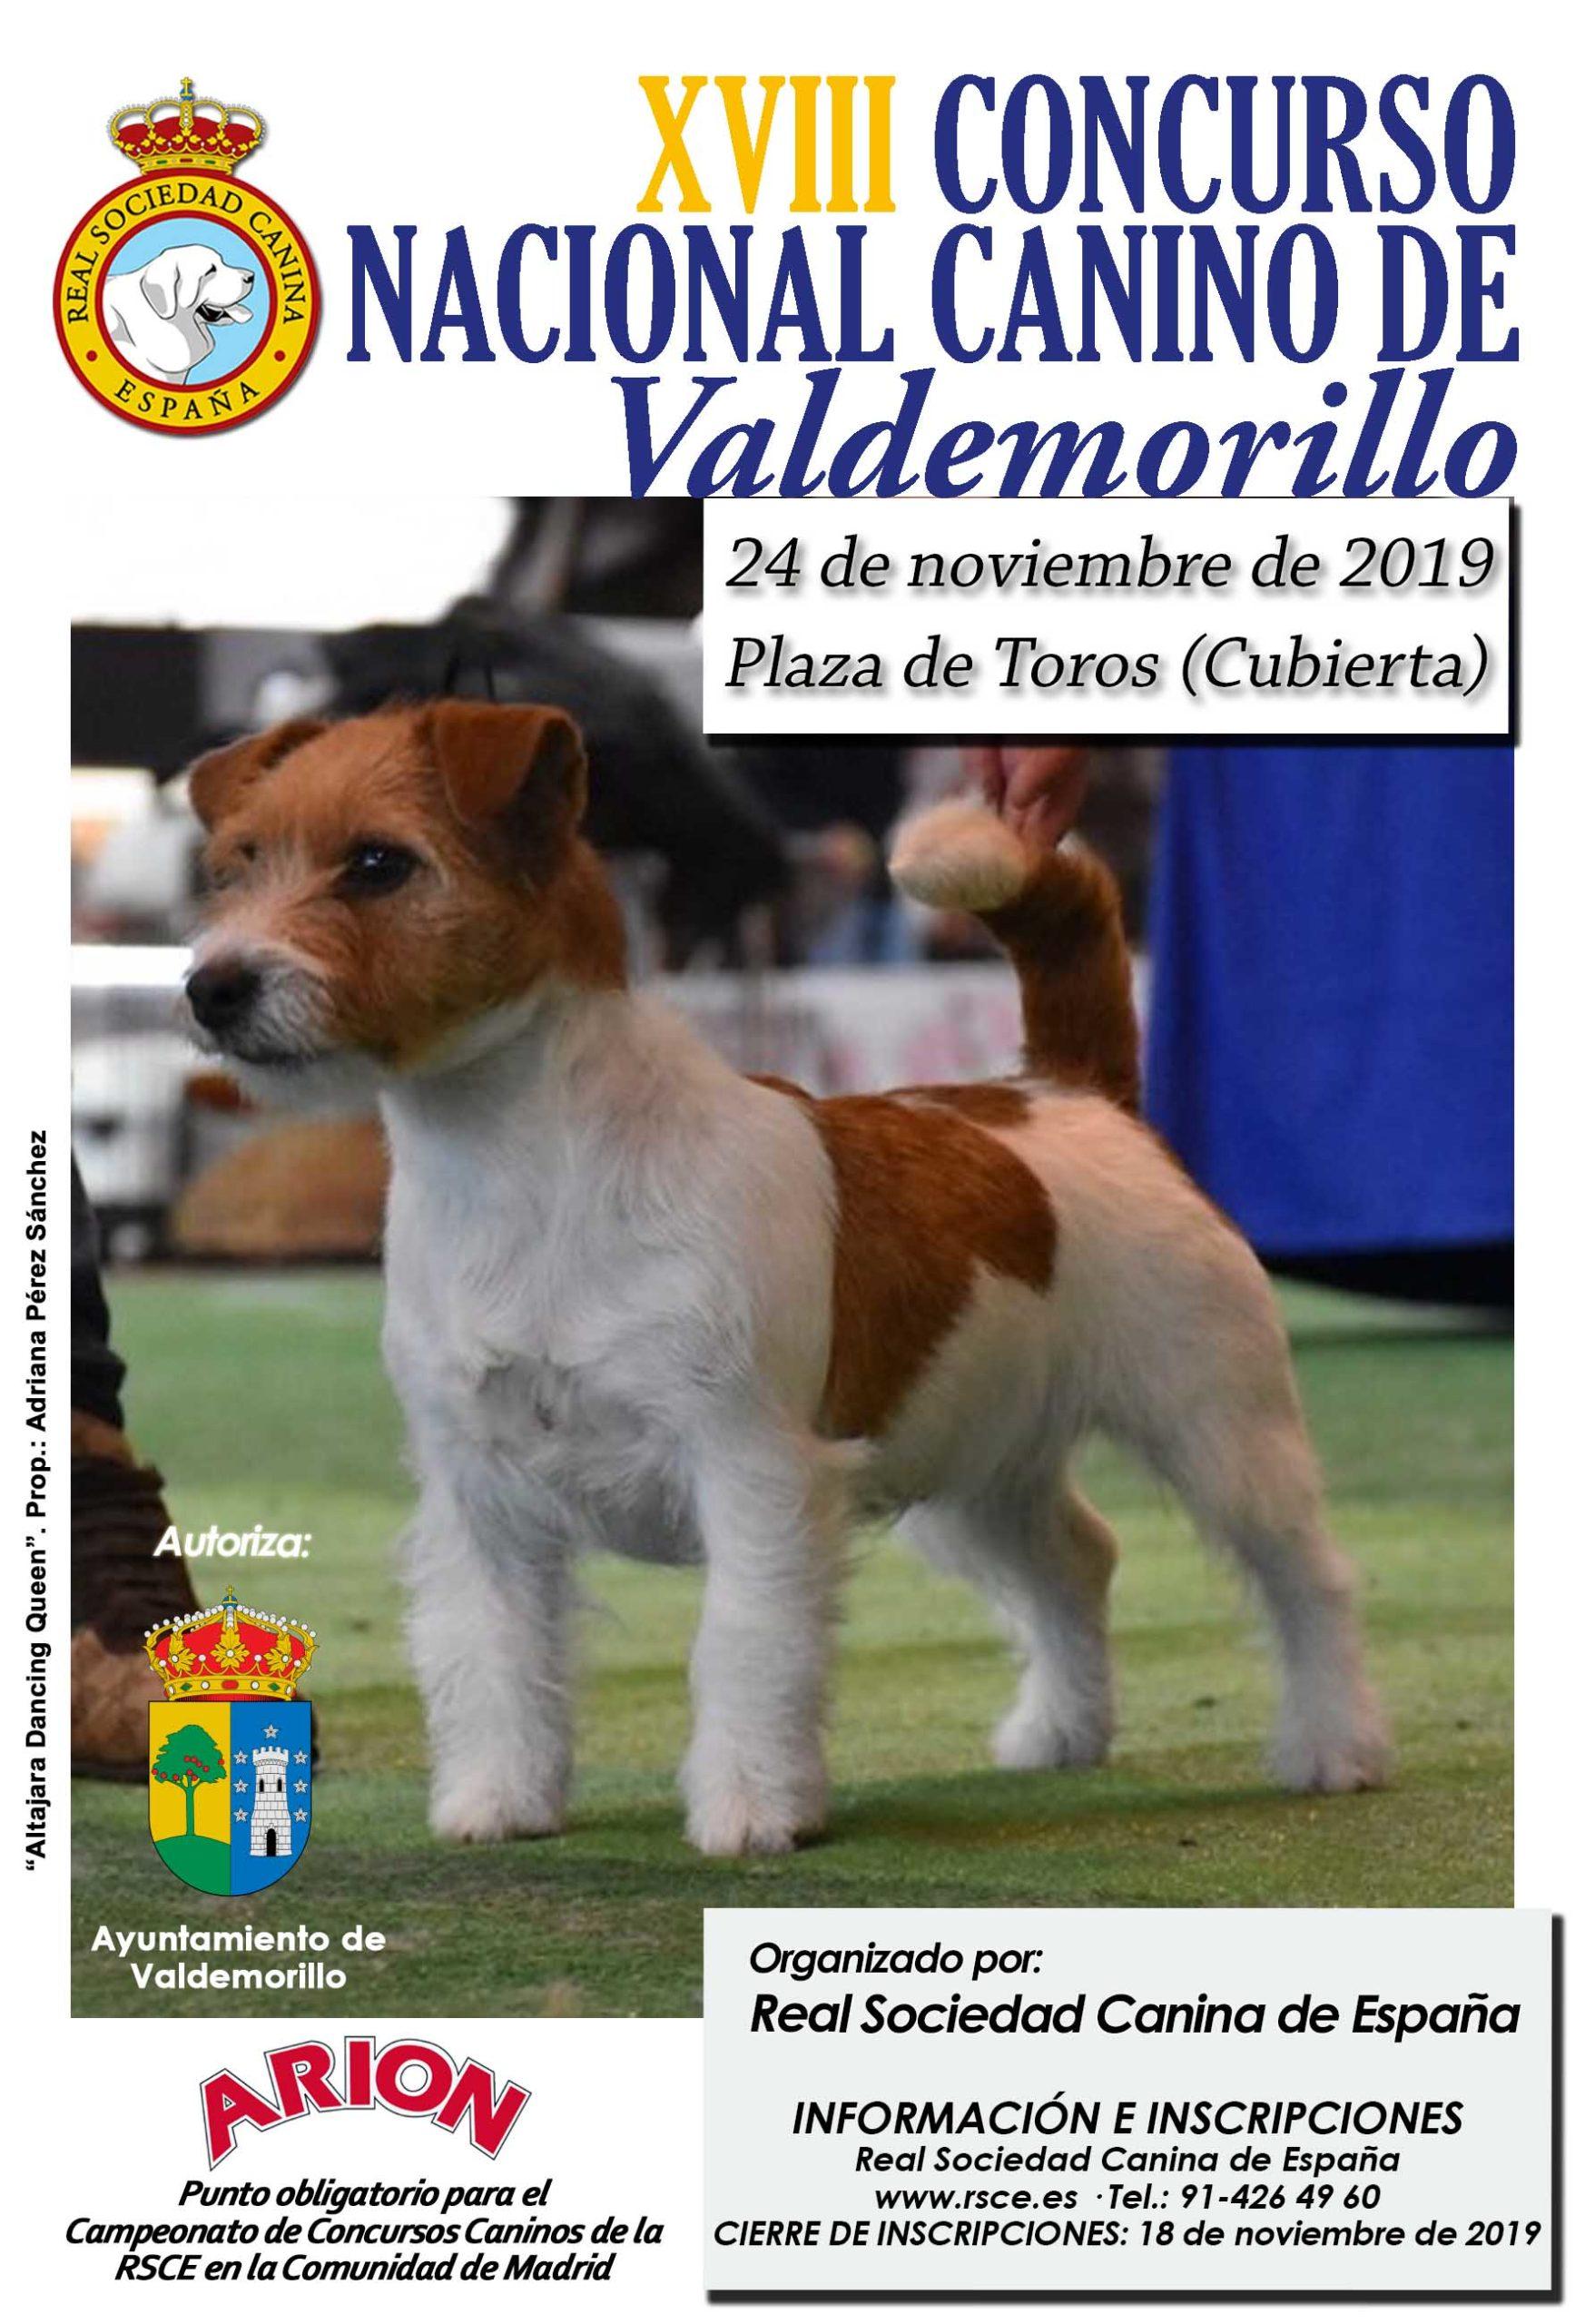 Nueva gran cita en Valdemorillo  para el 24 de noviembre como escenario del XVIII Concurso Nacional Canino